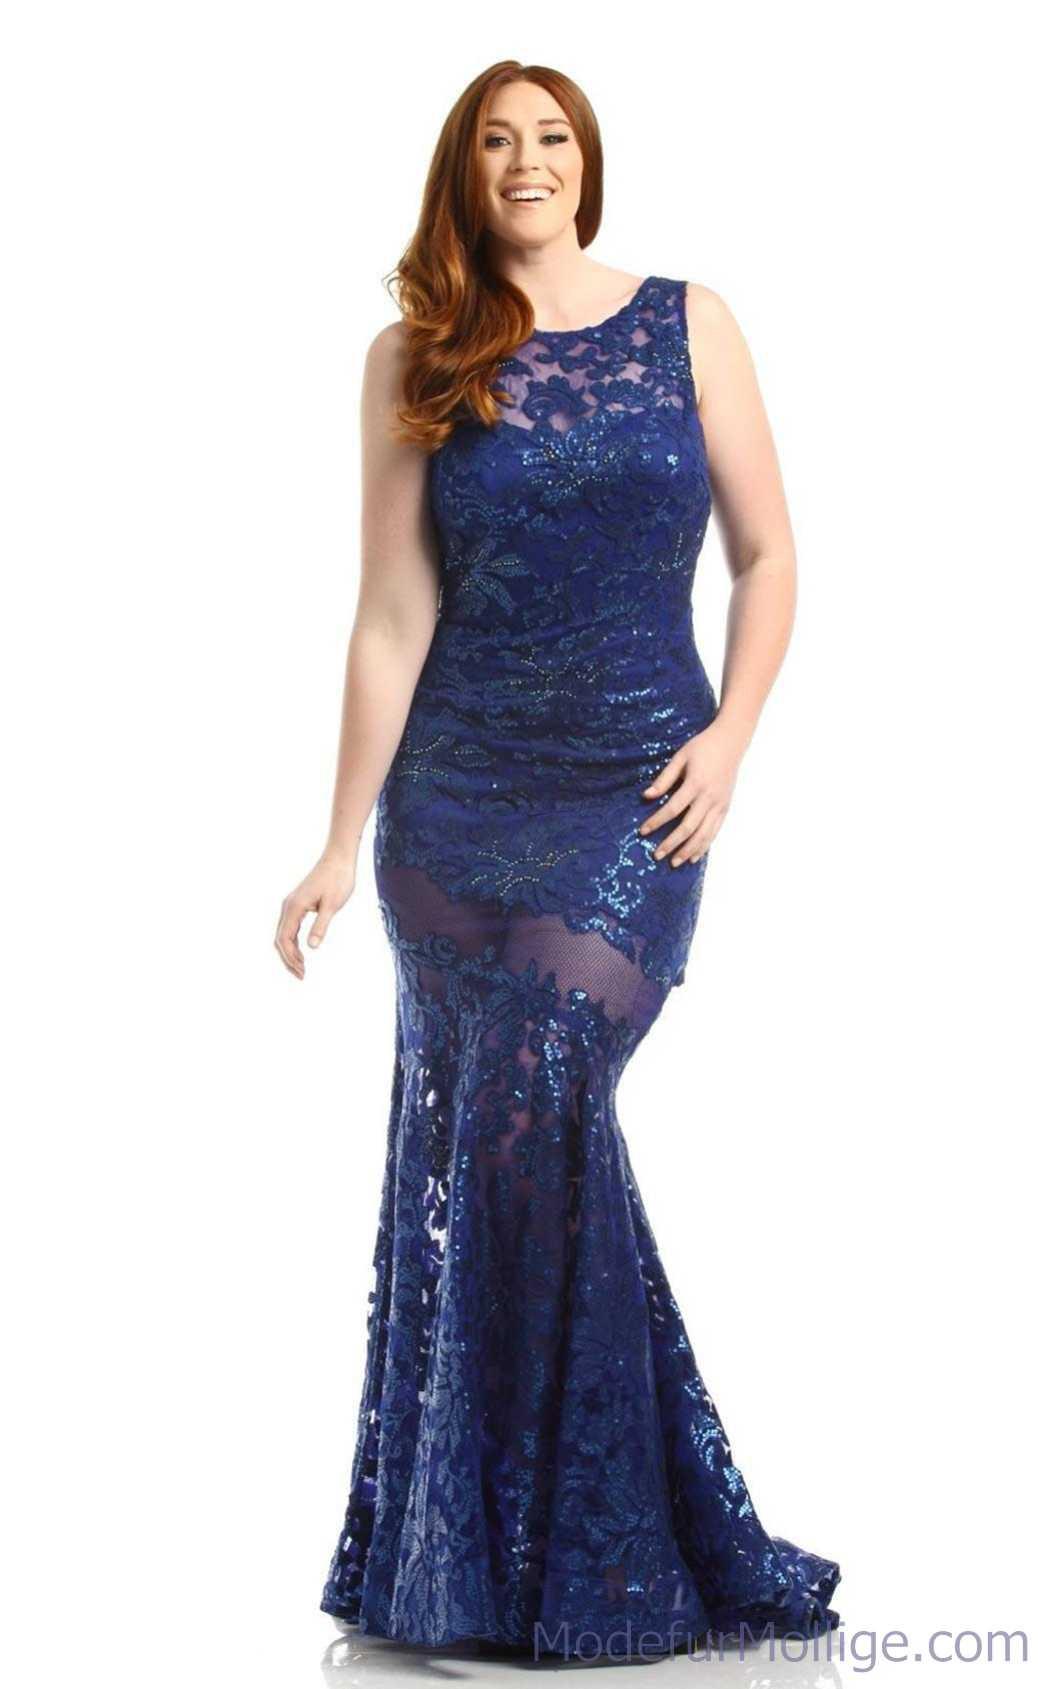 Abend Top Damen Kleider Abendmode Design15 Wunderbar Damen Kleider Abendmode Spezialgebiet